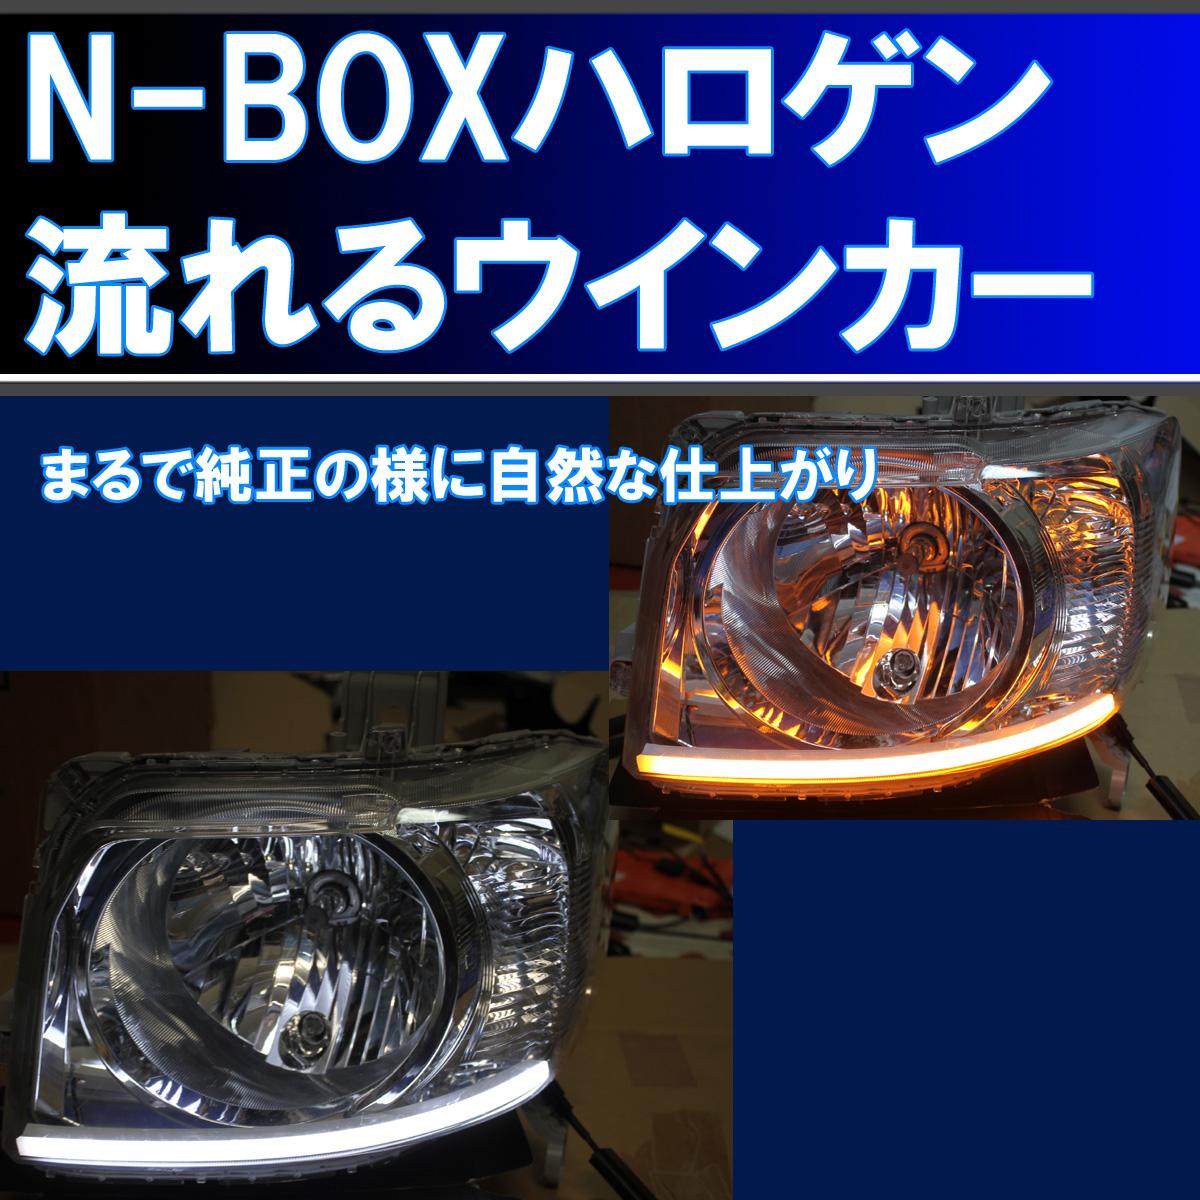 ★NBOX ハロゲン HID JF1 JF2 最強 厚め 太め シーケンシャルウインカー 過去最高に美しいです アイライン 流れるウインカー デイライト ホンダ N-BOX